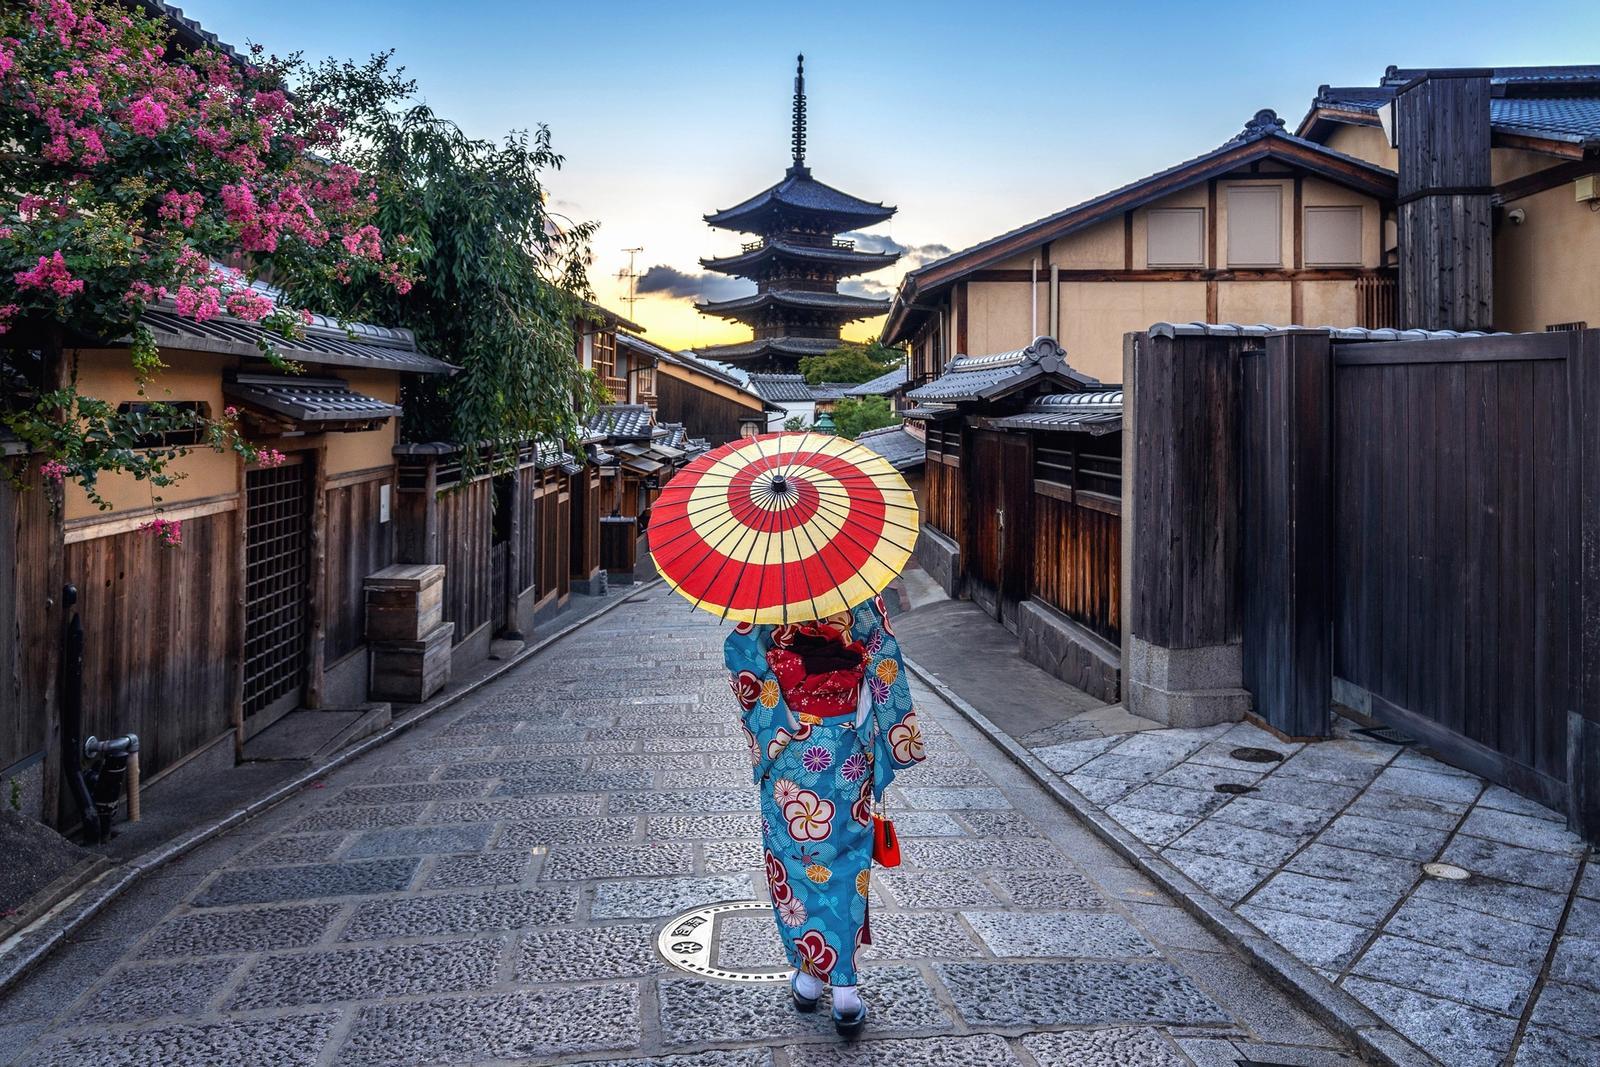 donna giapponese con vestiti tradizionali a kyoto